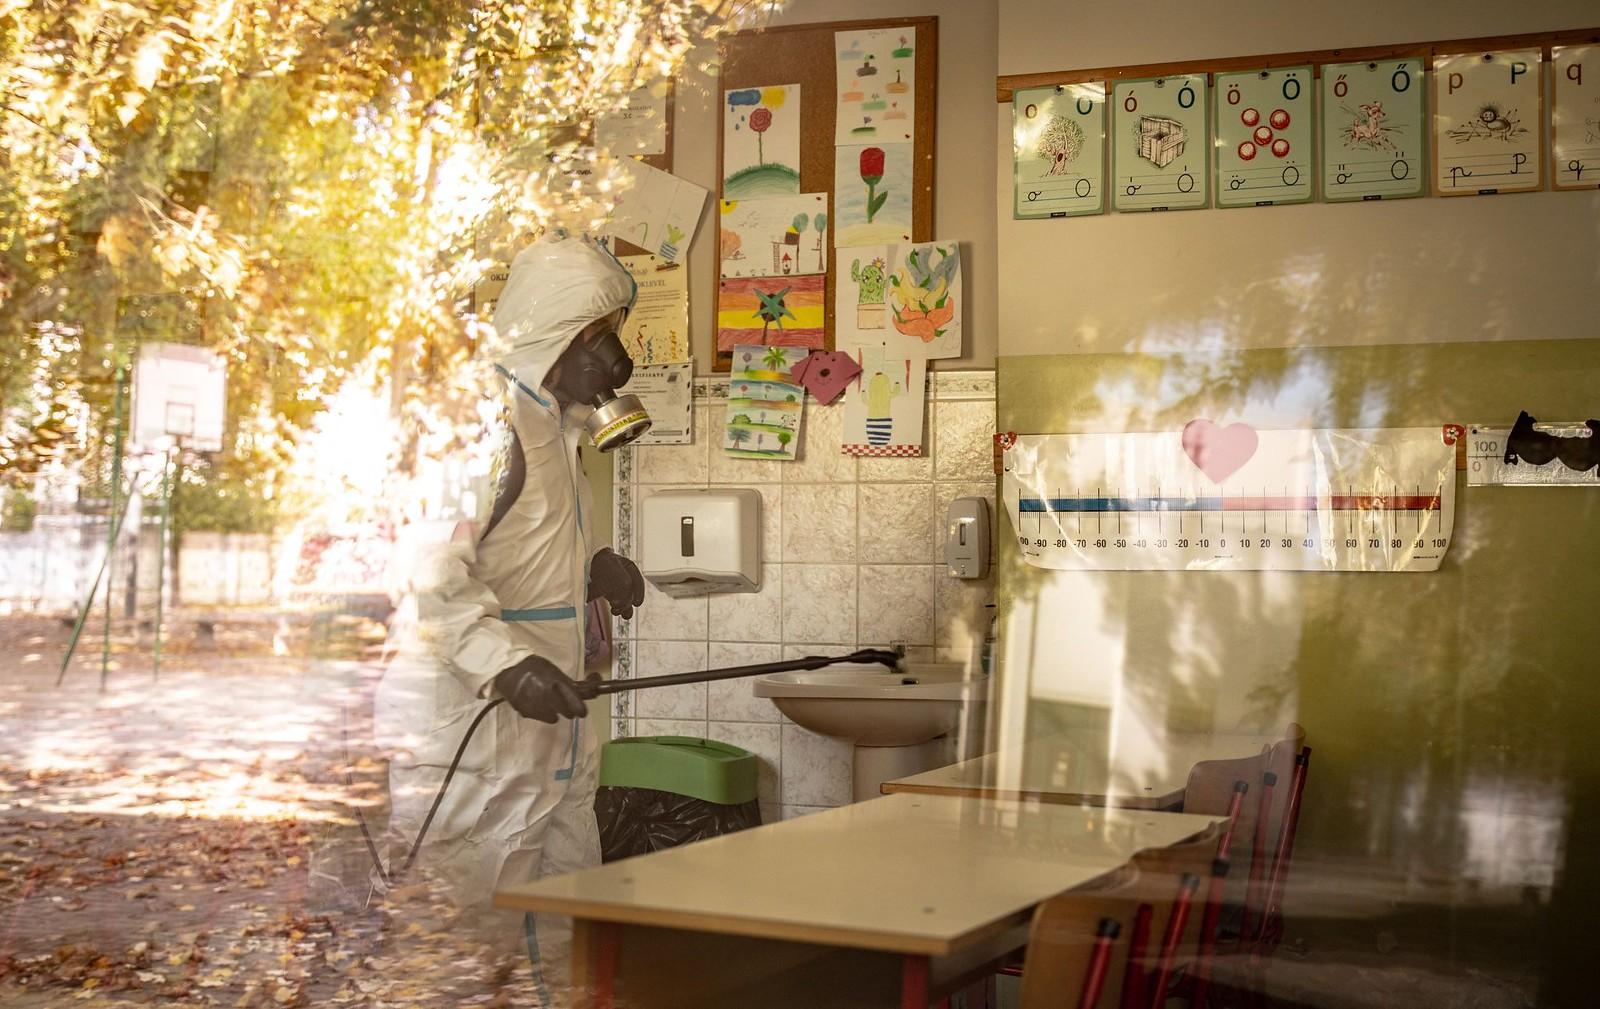 Vegyvédelmi ruhában fertőtlenítették a Madách iskolát